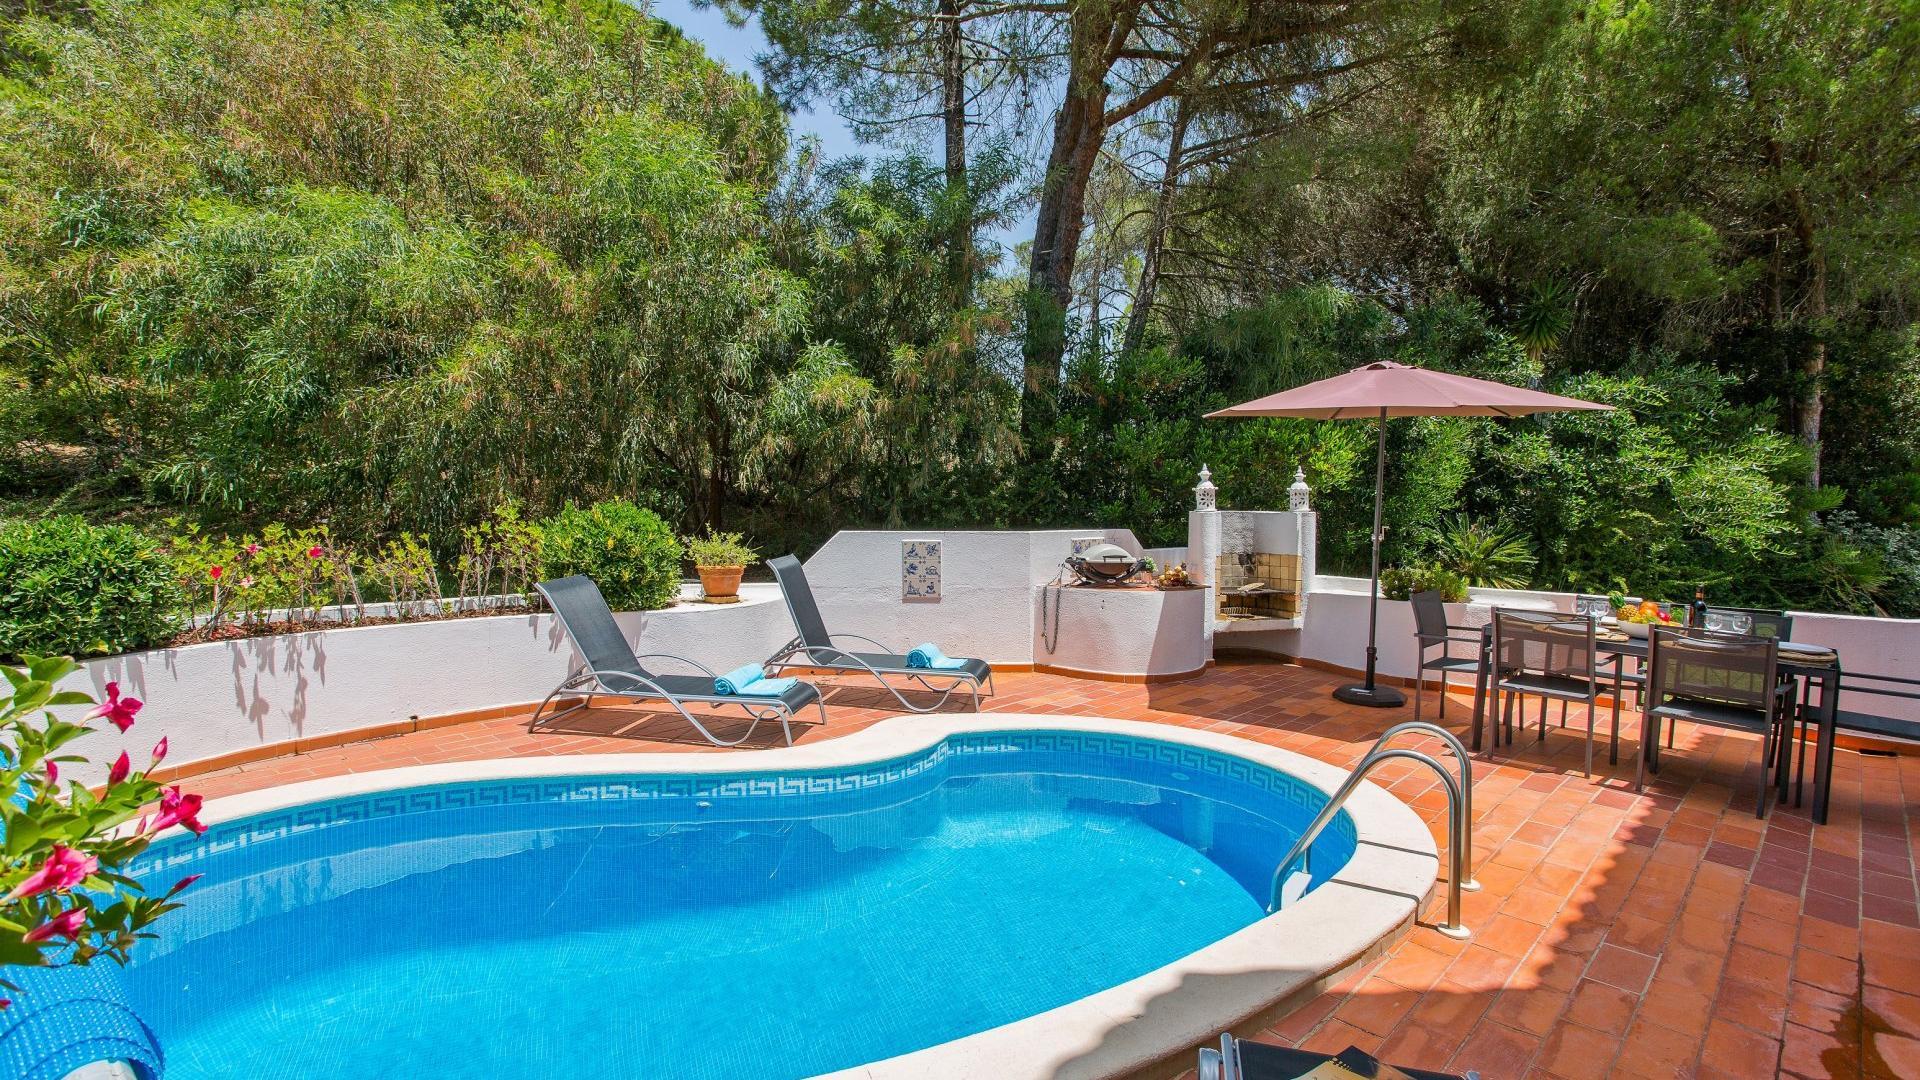 Casa Breeze - Vale do Lobo, Algarve - pool8.jpg